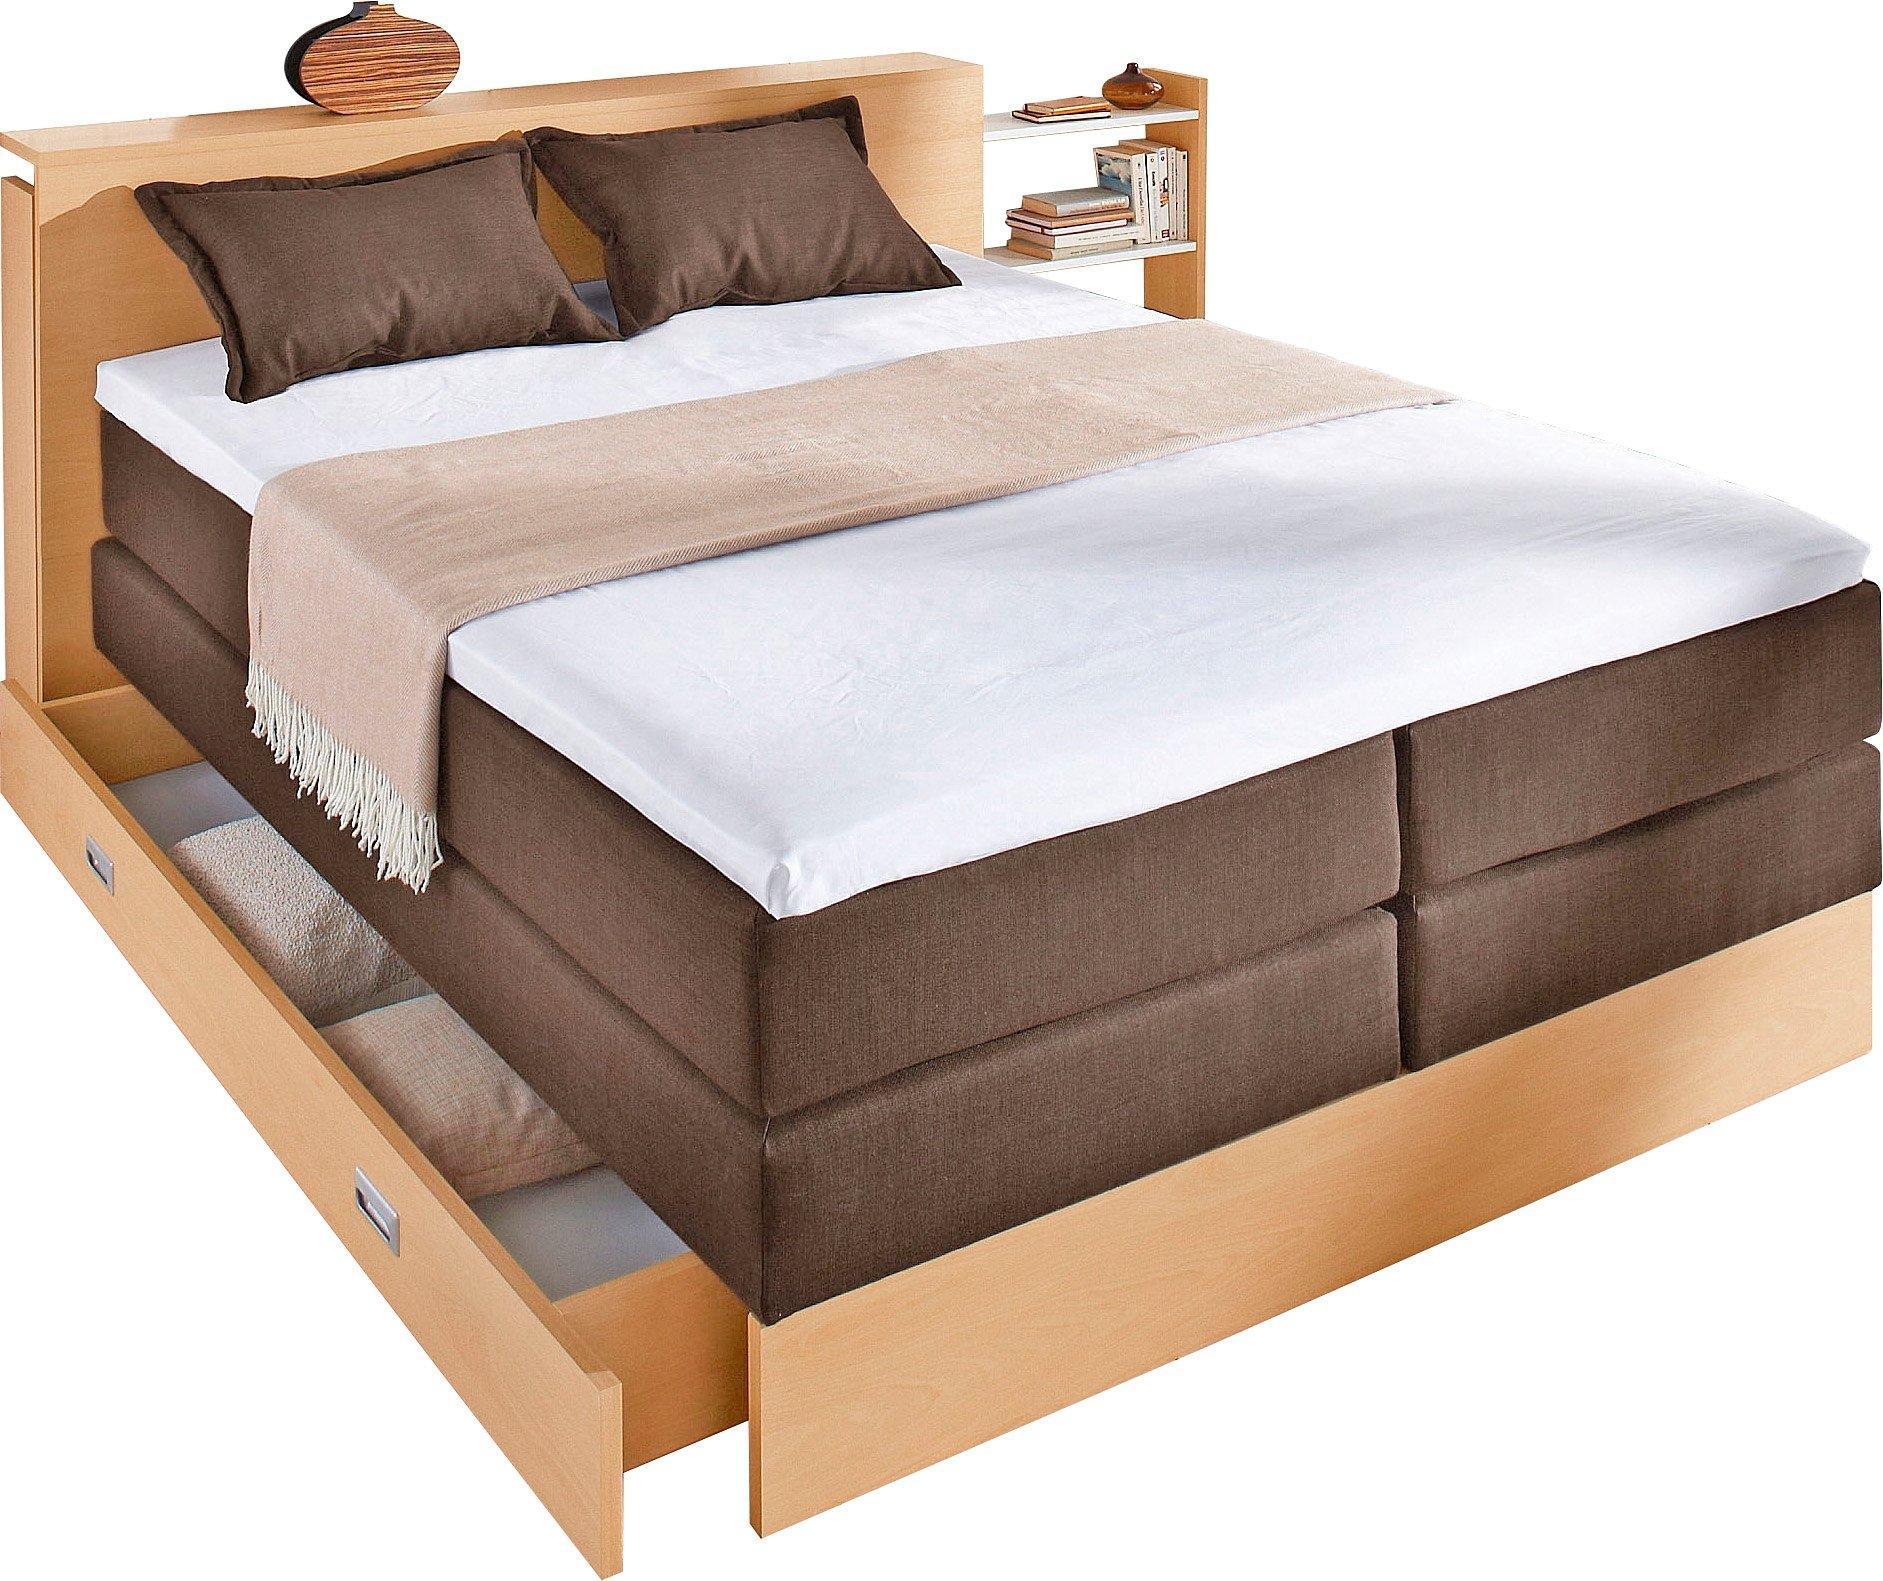 Full Size of Breckle Betten Test Fabrikverkauf Kaufen Erfahrung Northeim Benningen Konfigurator Seelbach Motel One De Mit Aufbewahrung Günstige 140x200 Günstig Köln Bett Breckle Betten